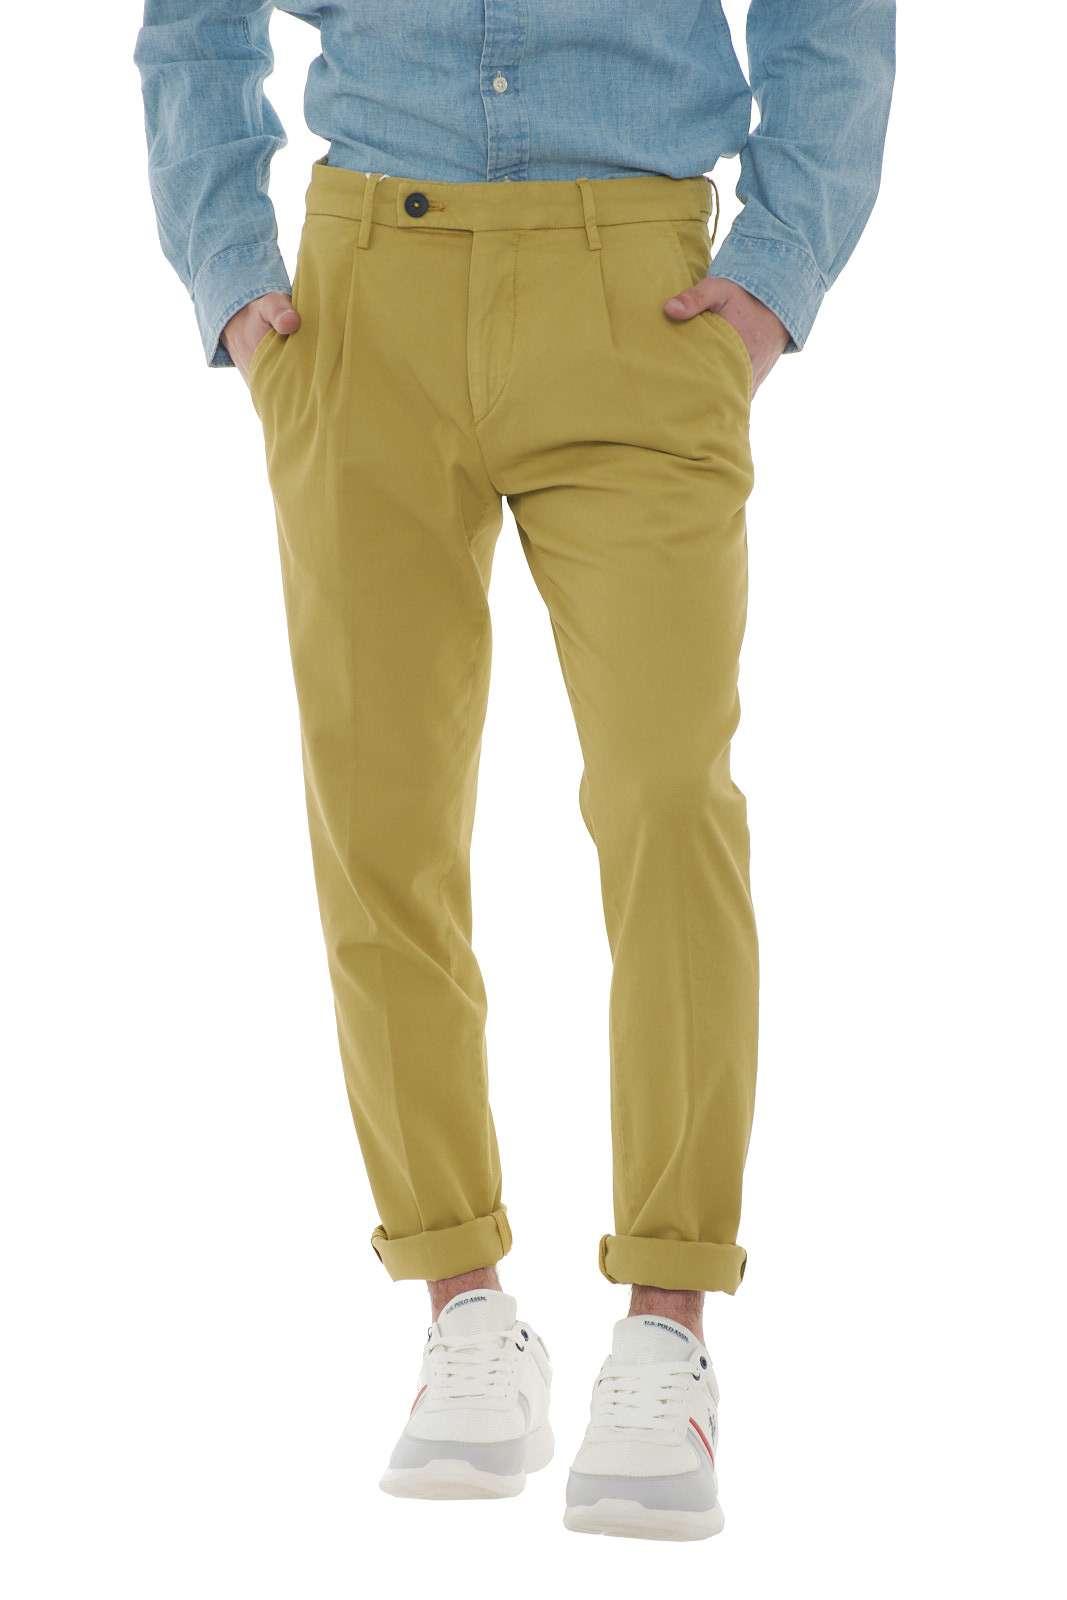 Un pantalone con pinces ideato per le occasioni più glamour quello firmato dalla collezione uomo Michael Coal. Un capo con microlavorazione dalla vita regolare perfetto da abbinare con una camicia o una maglia per rendere unico il proprio look. Un essential per l'uomo più esigente. Il modello è alto 1.80m e indossa la taglia 31.